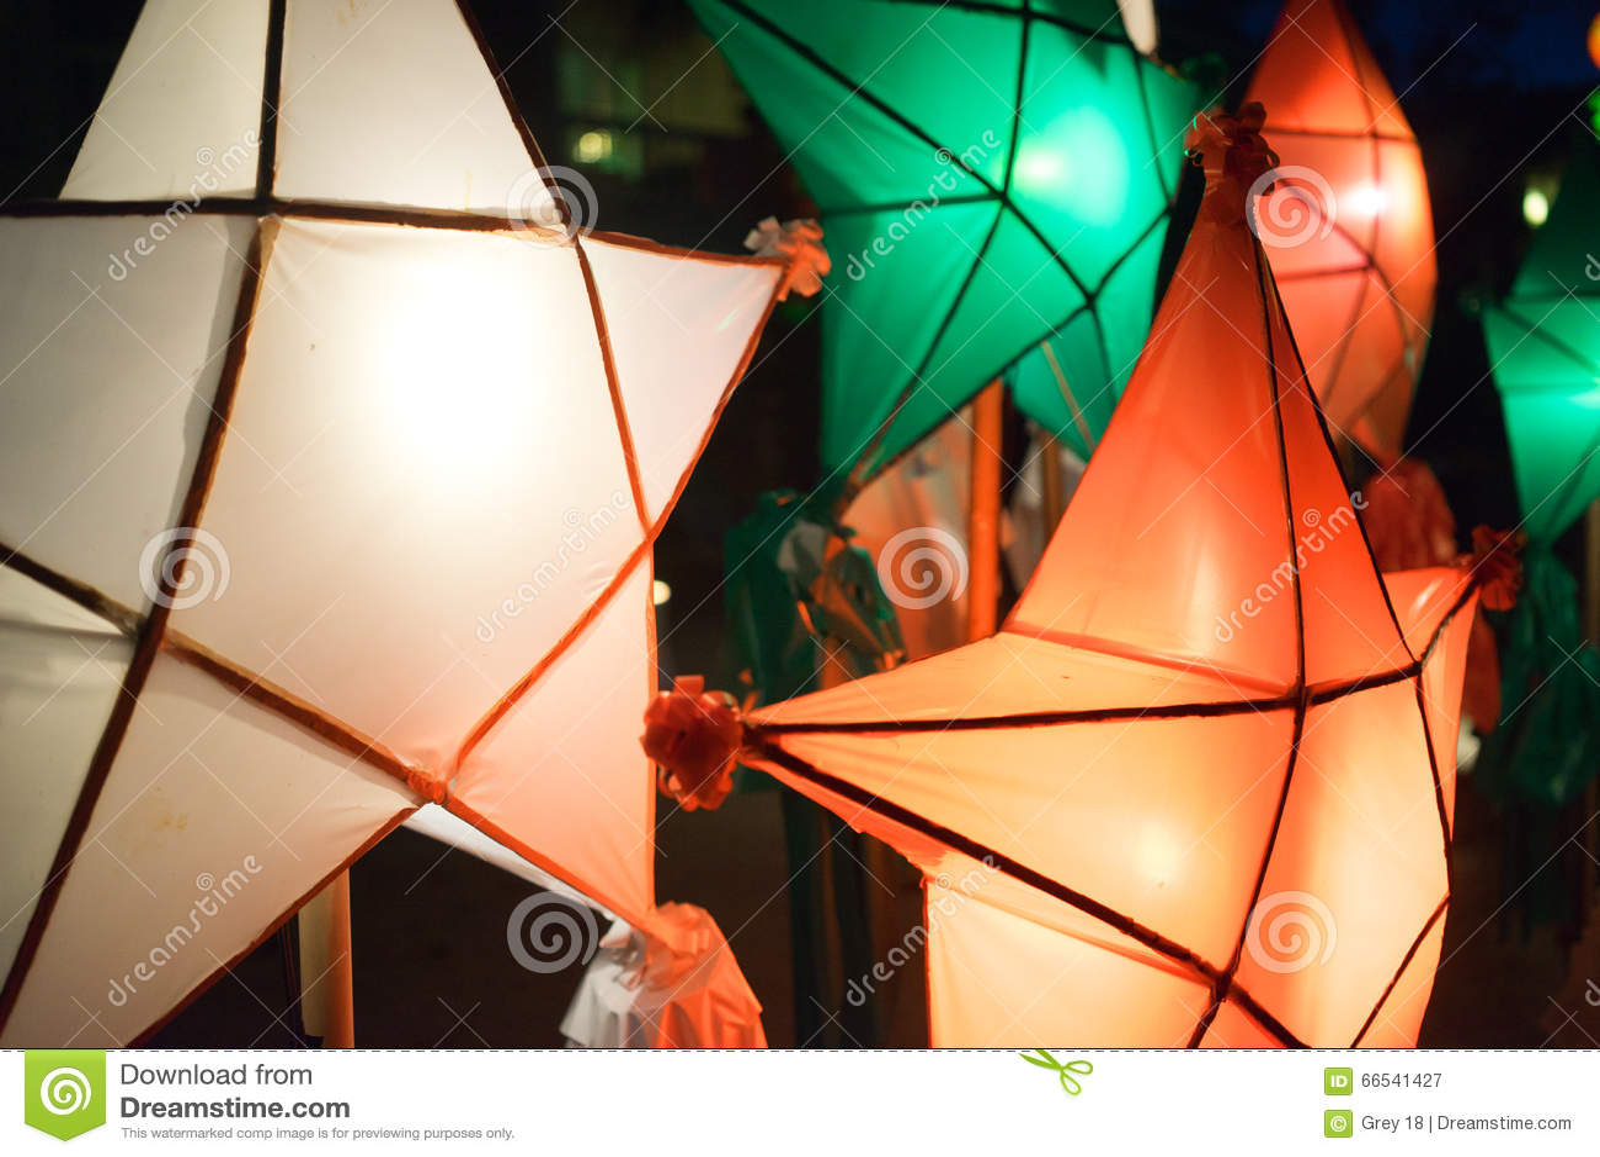 Christmas Lanterns Philippines Stock Photo - Image: 66541427